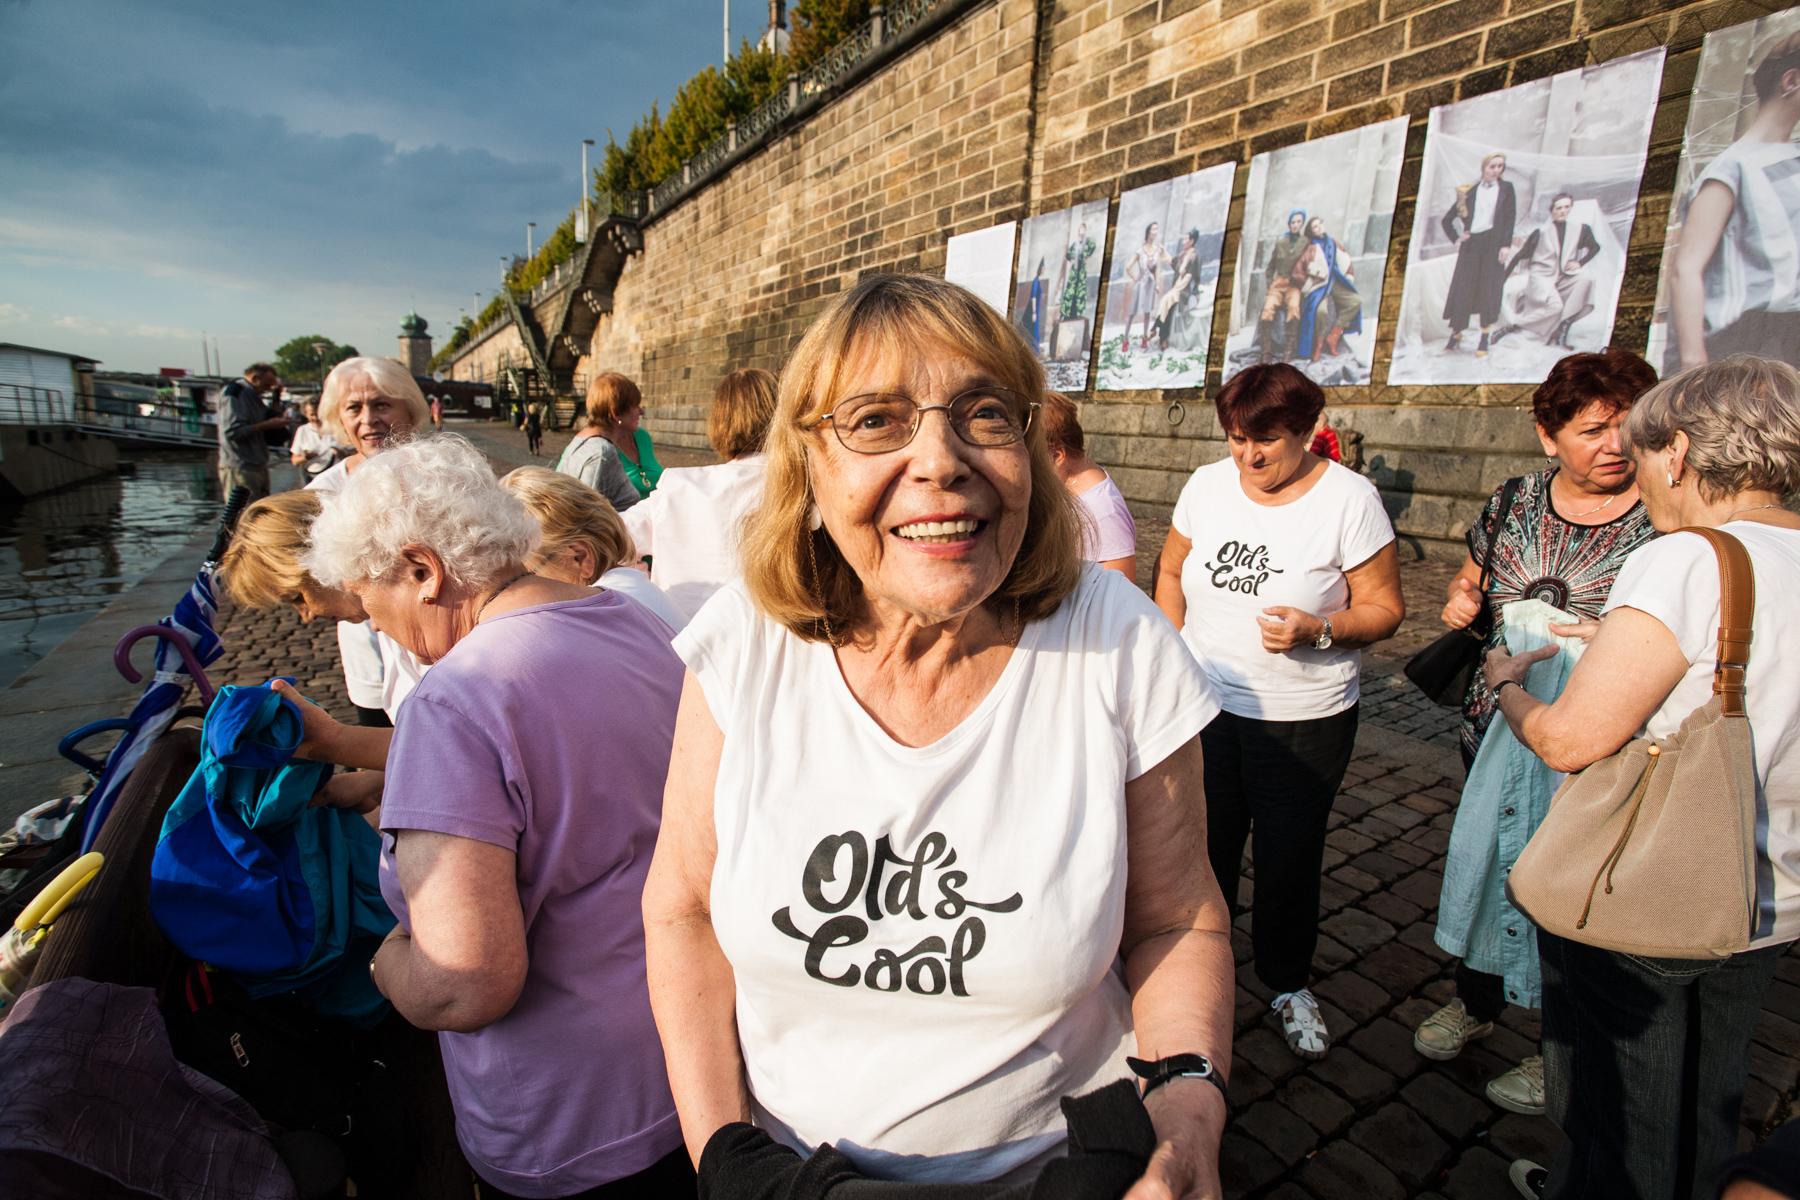 Stáří může být cool! Festival inspiruje k mezigenerační spolupráci